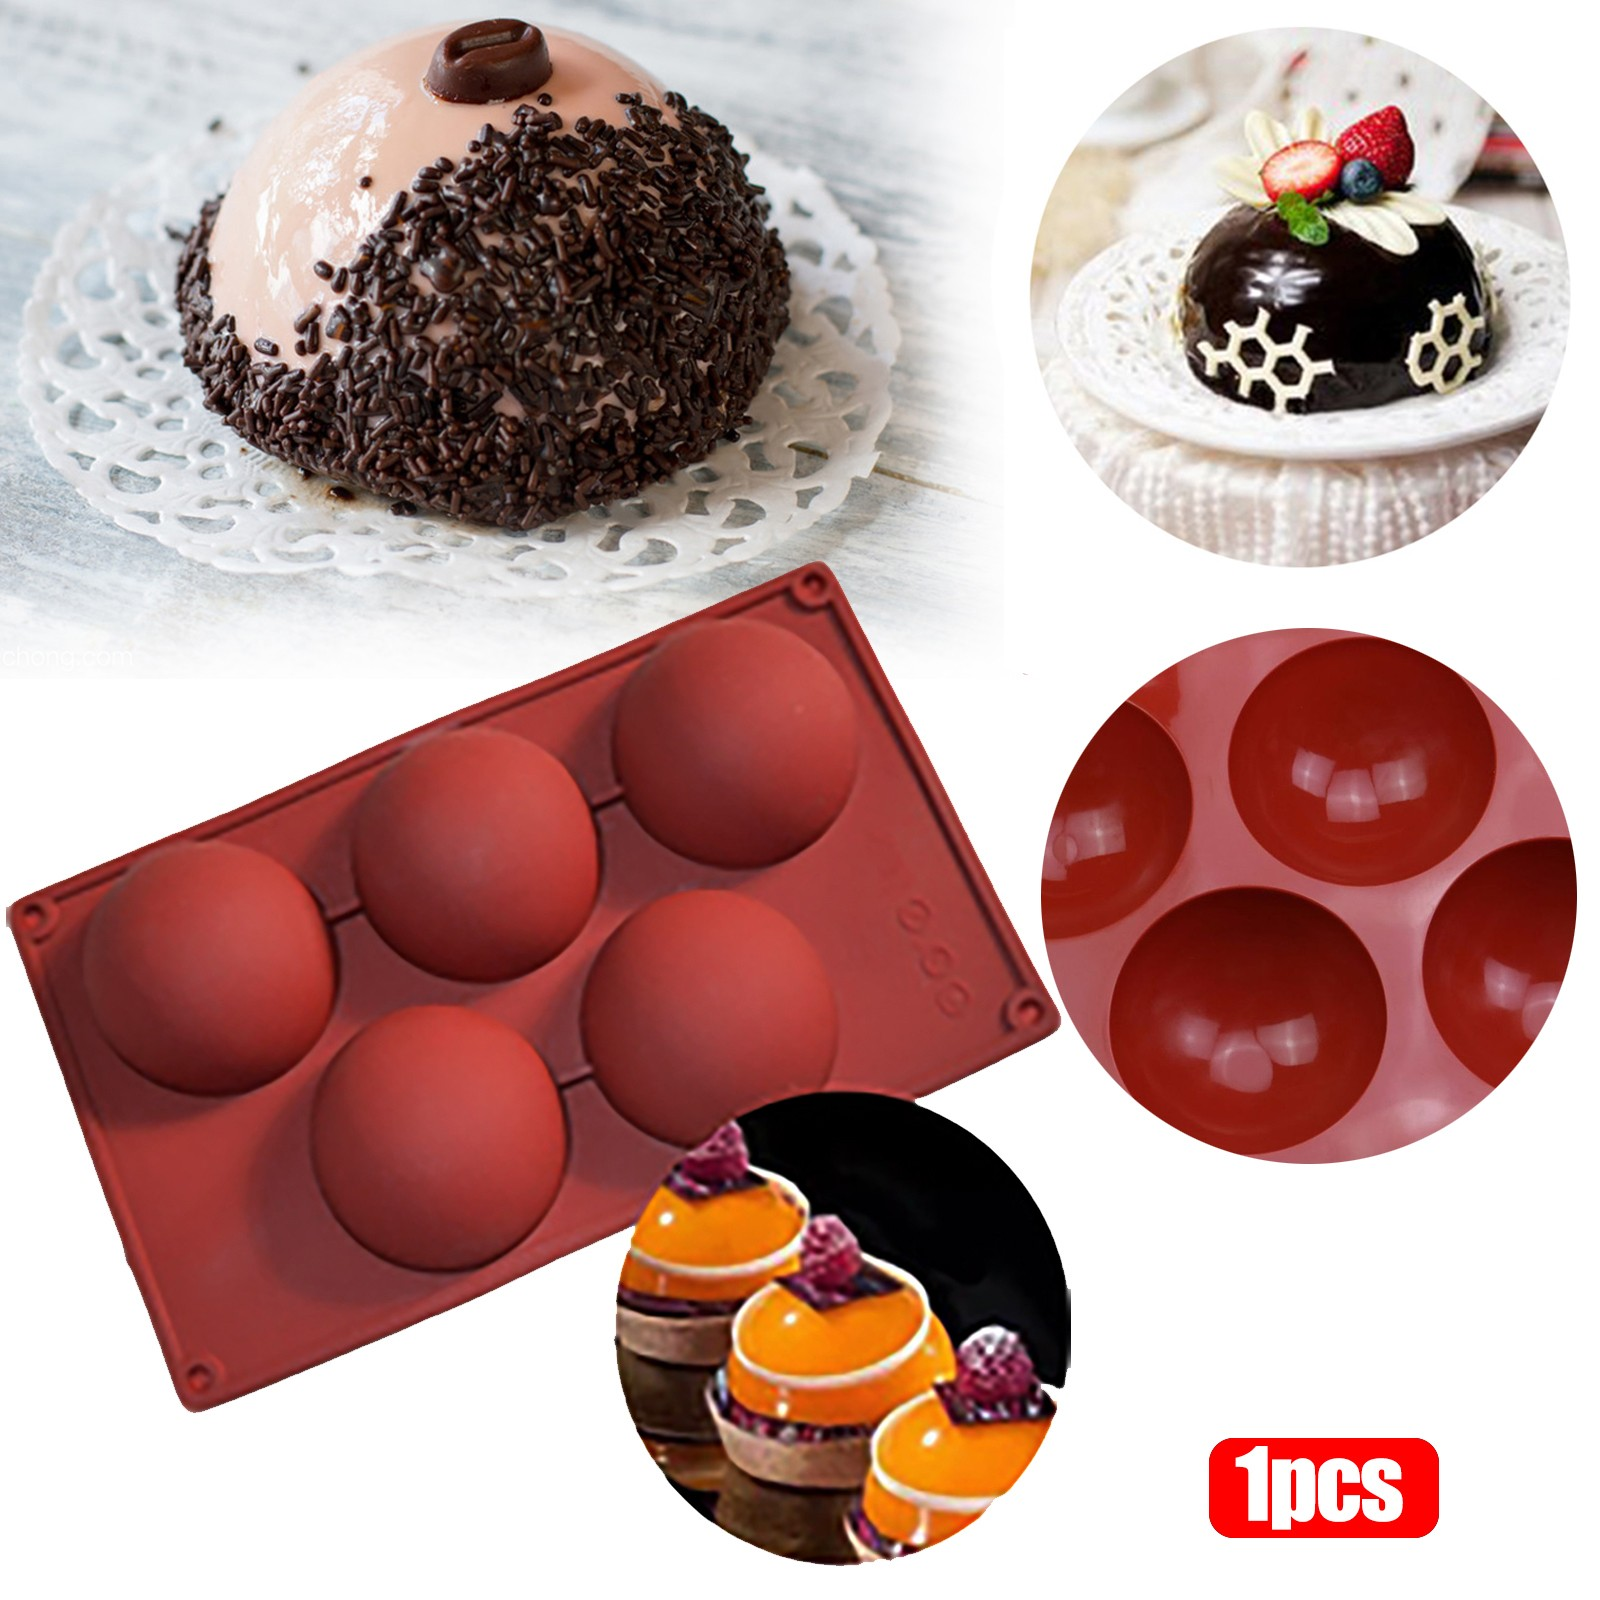 Экстра большая 5-полость полусферическая силиконовая форма, 1/2 упаковки формы для выпечки для изготовления шоколада, торта, желе, купола M ^ ...